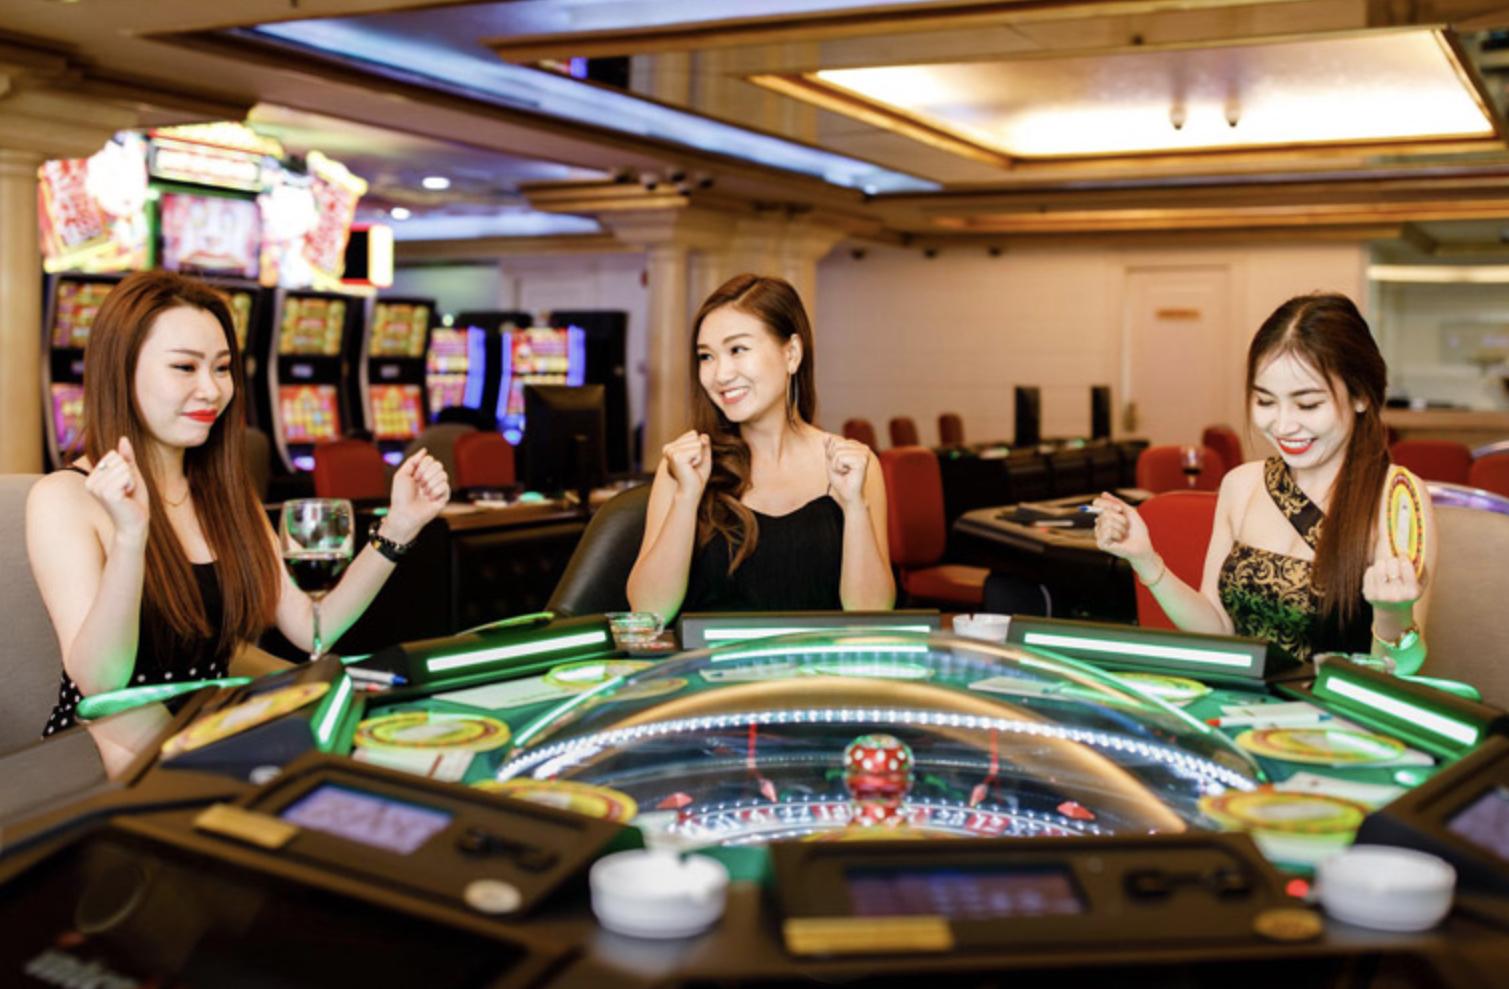 How to play gambling games sensibly?